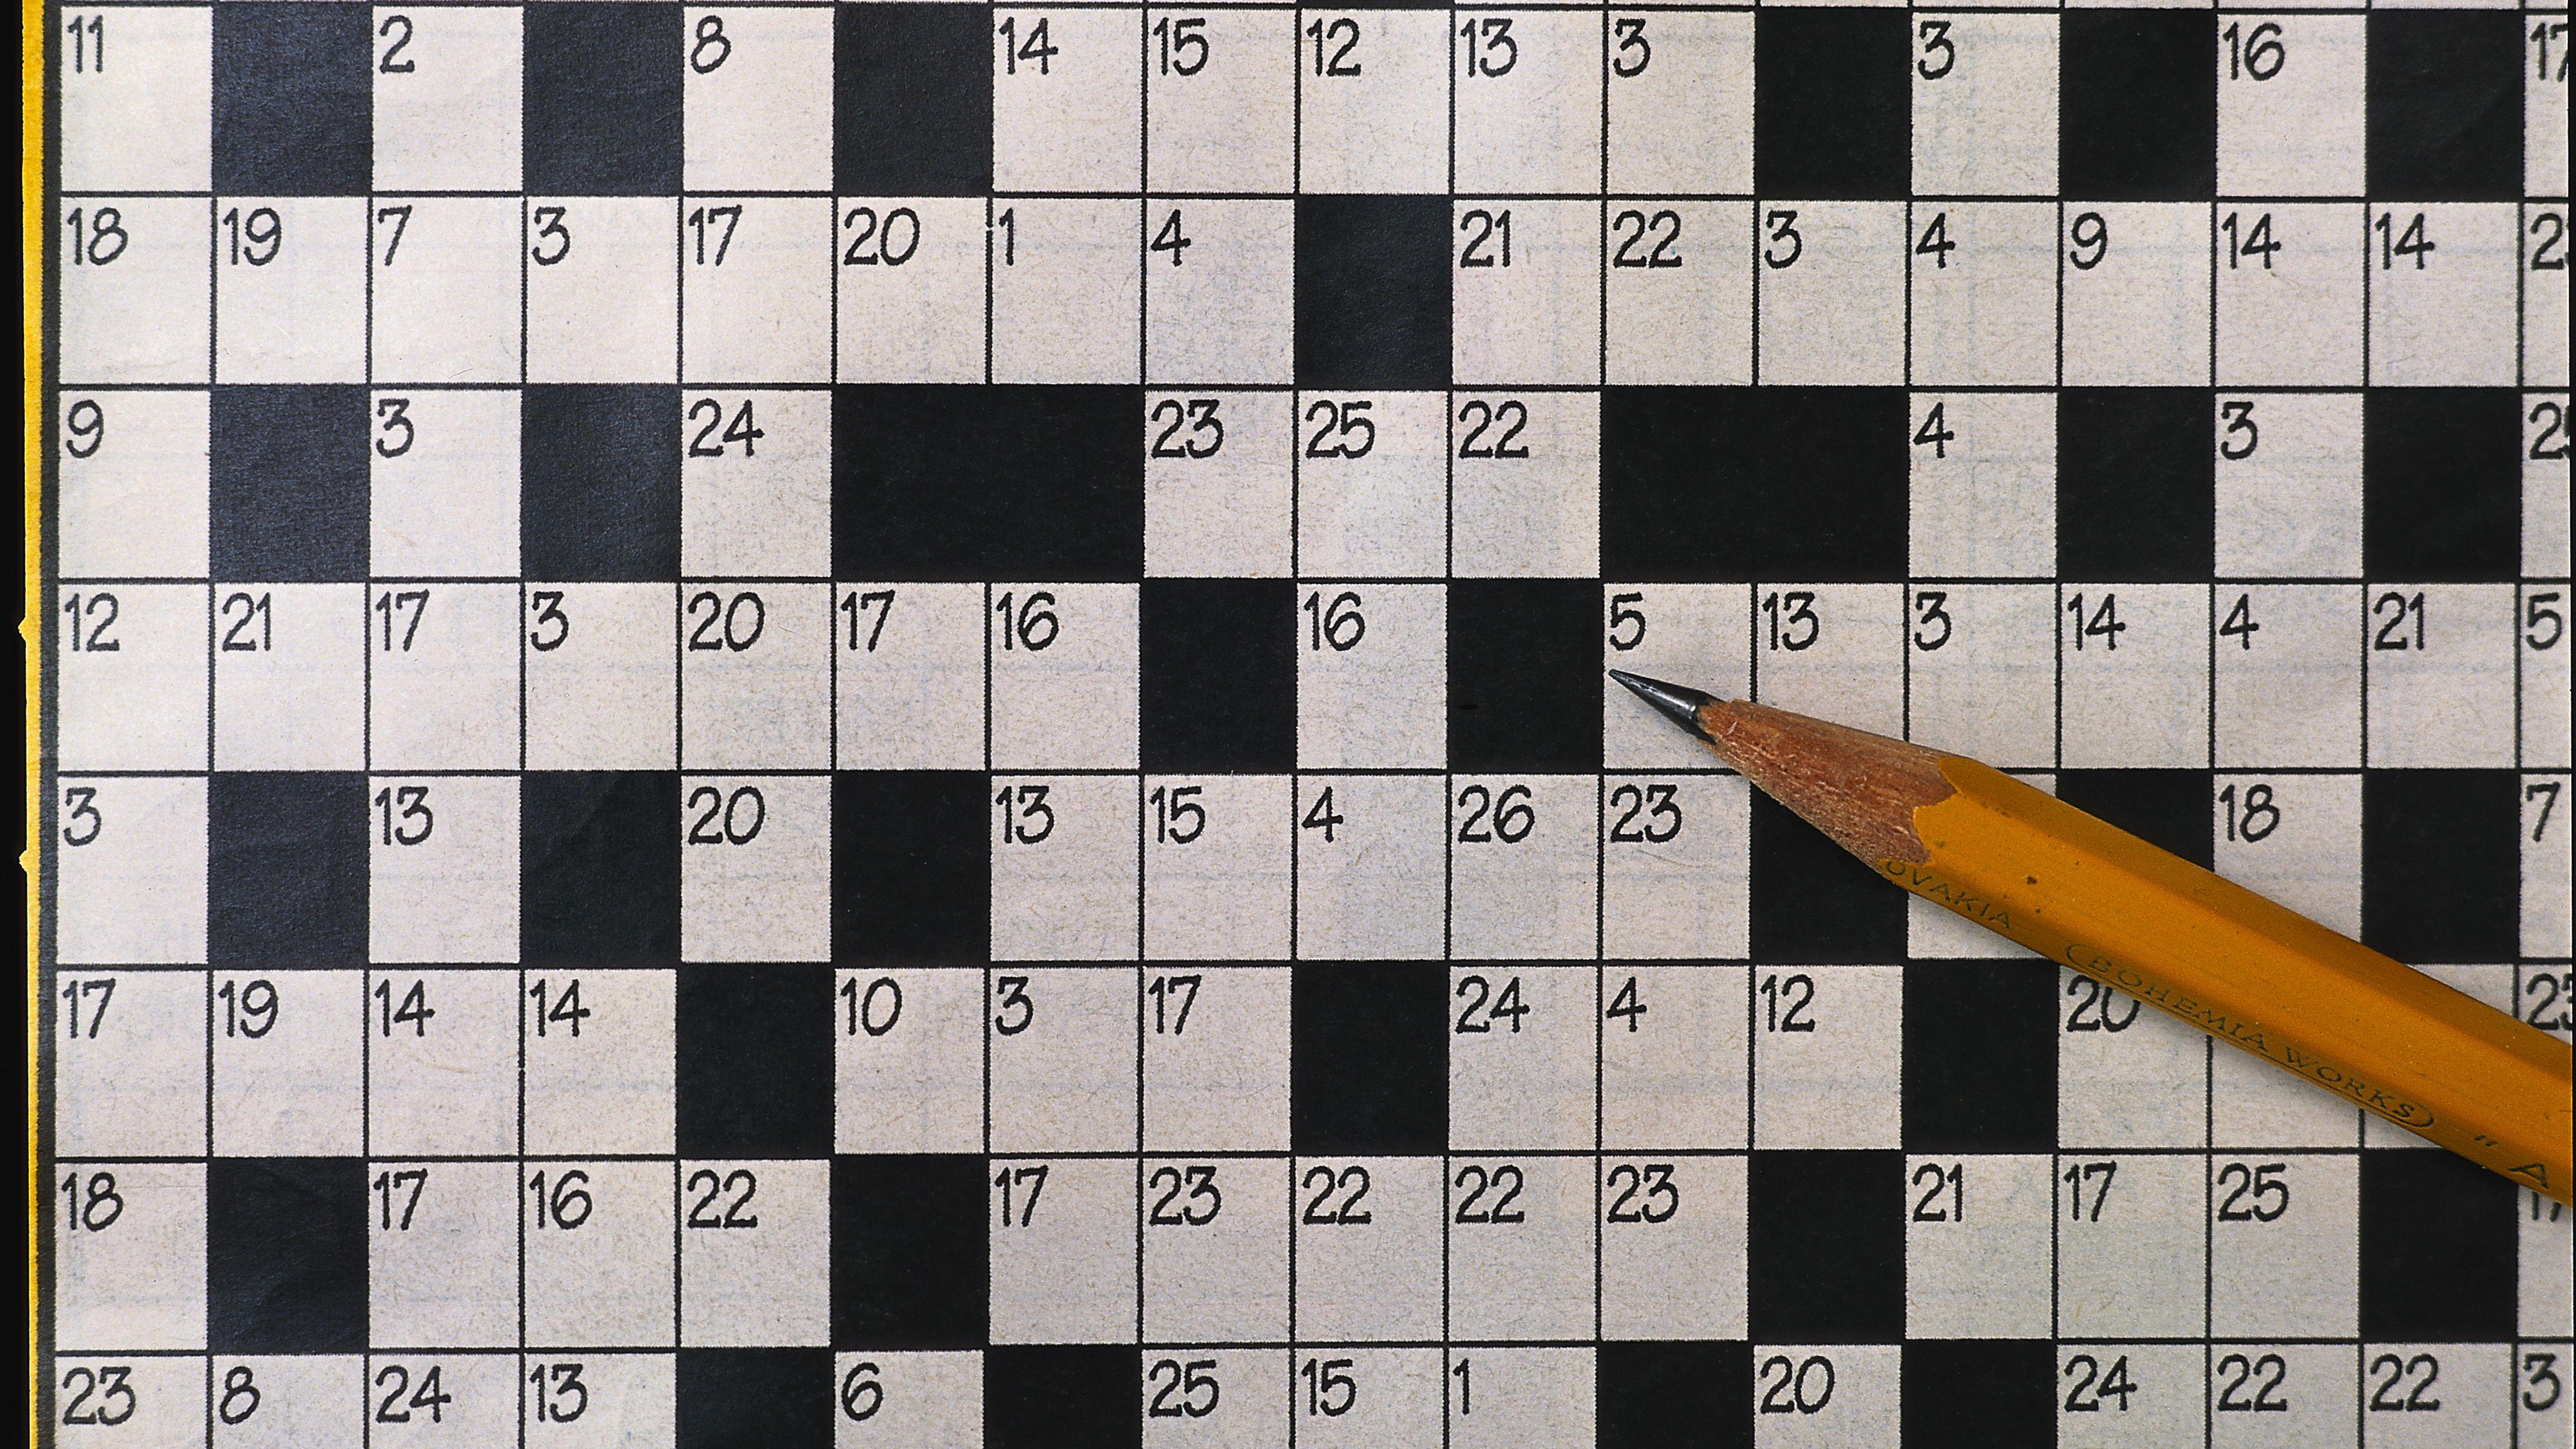 22 Clues Level 23